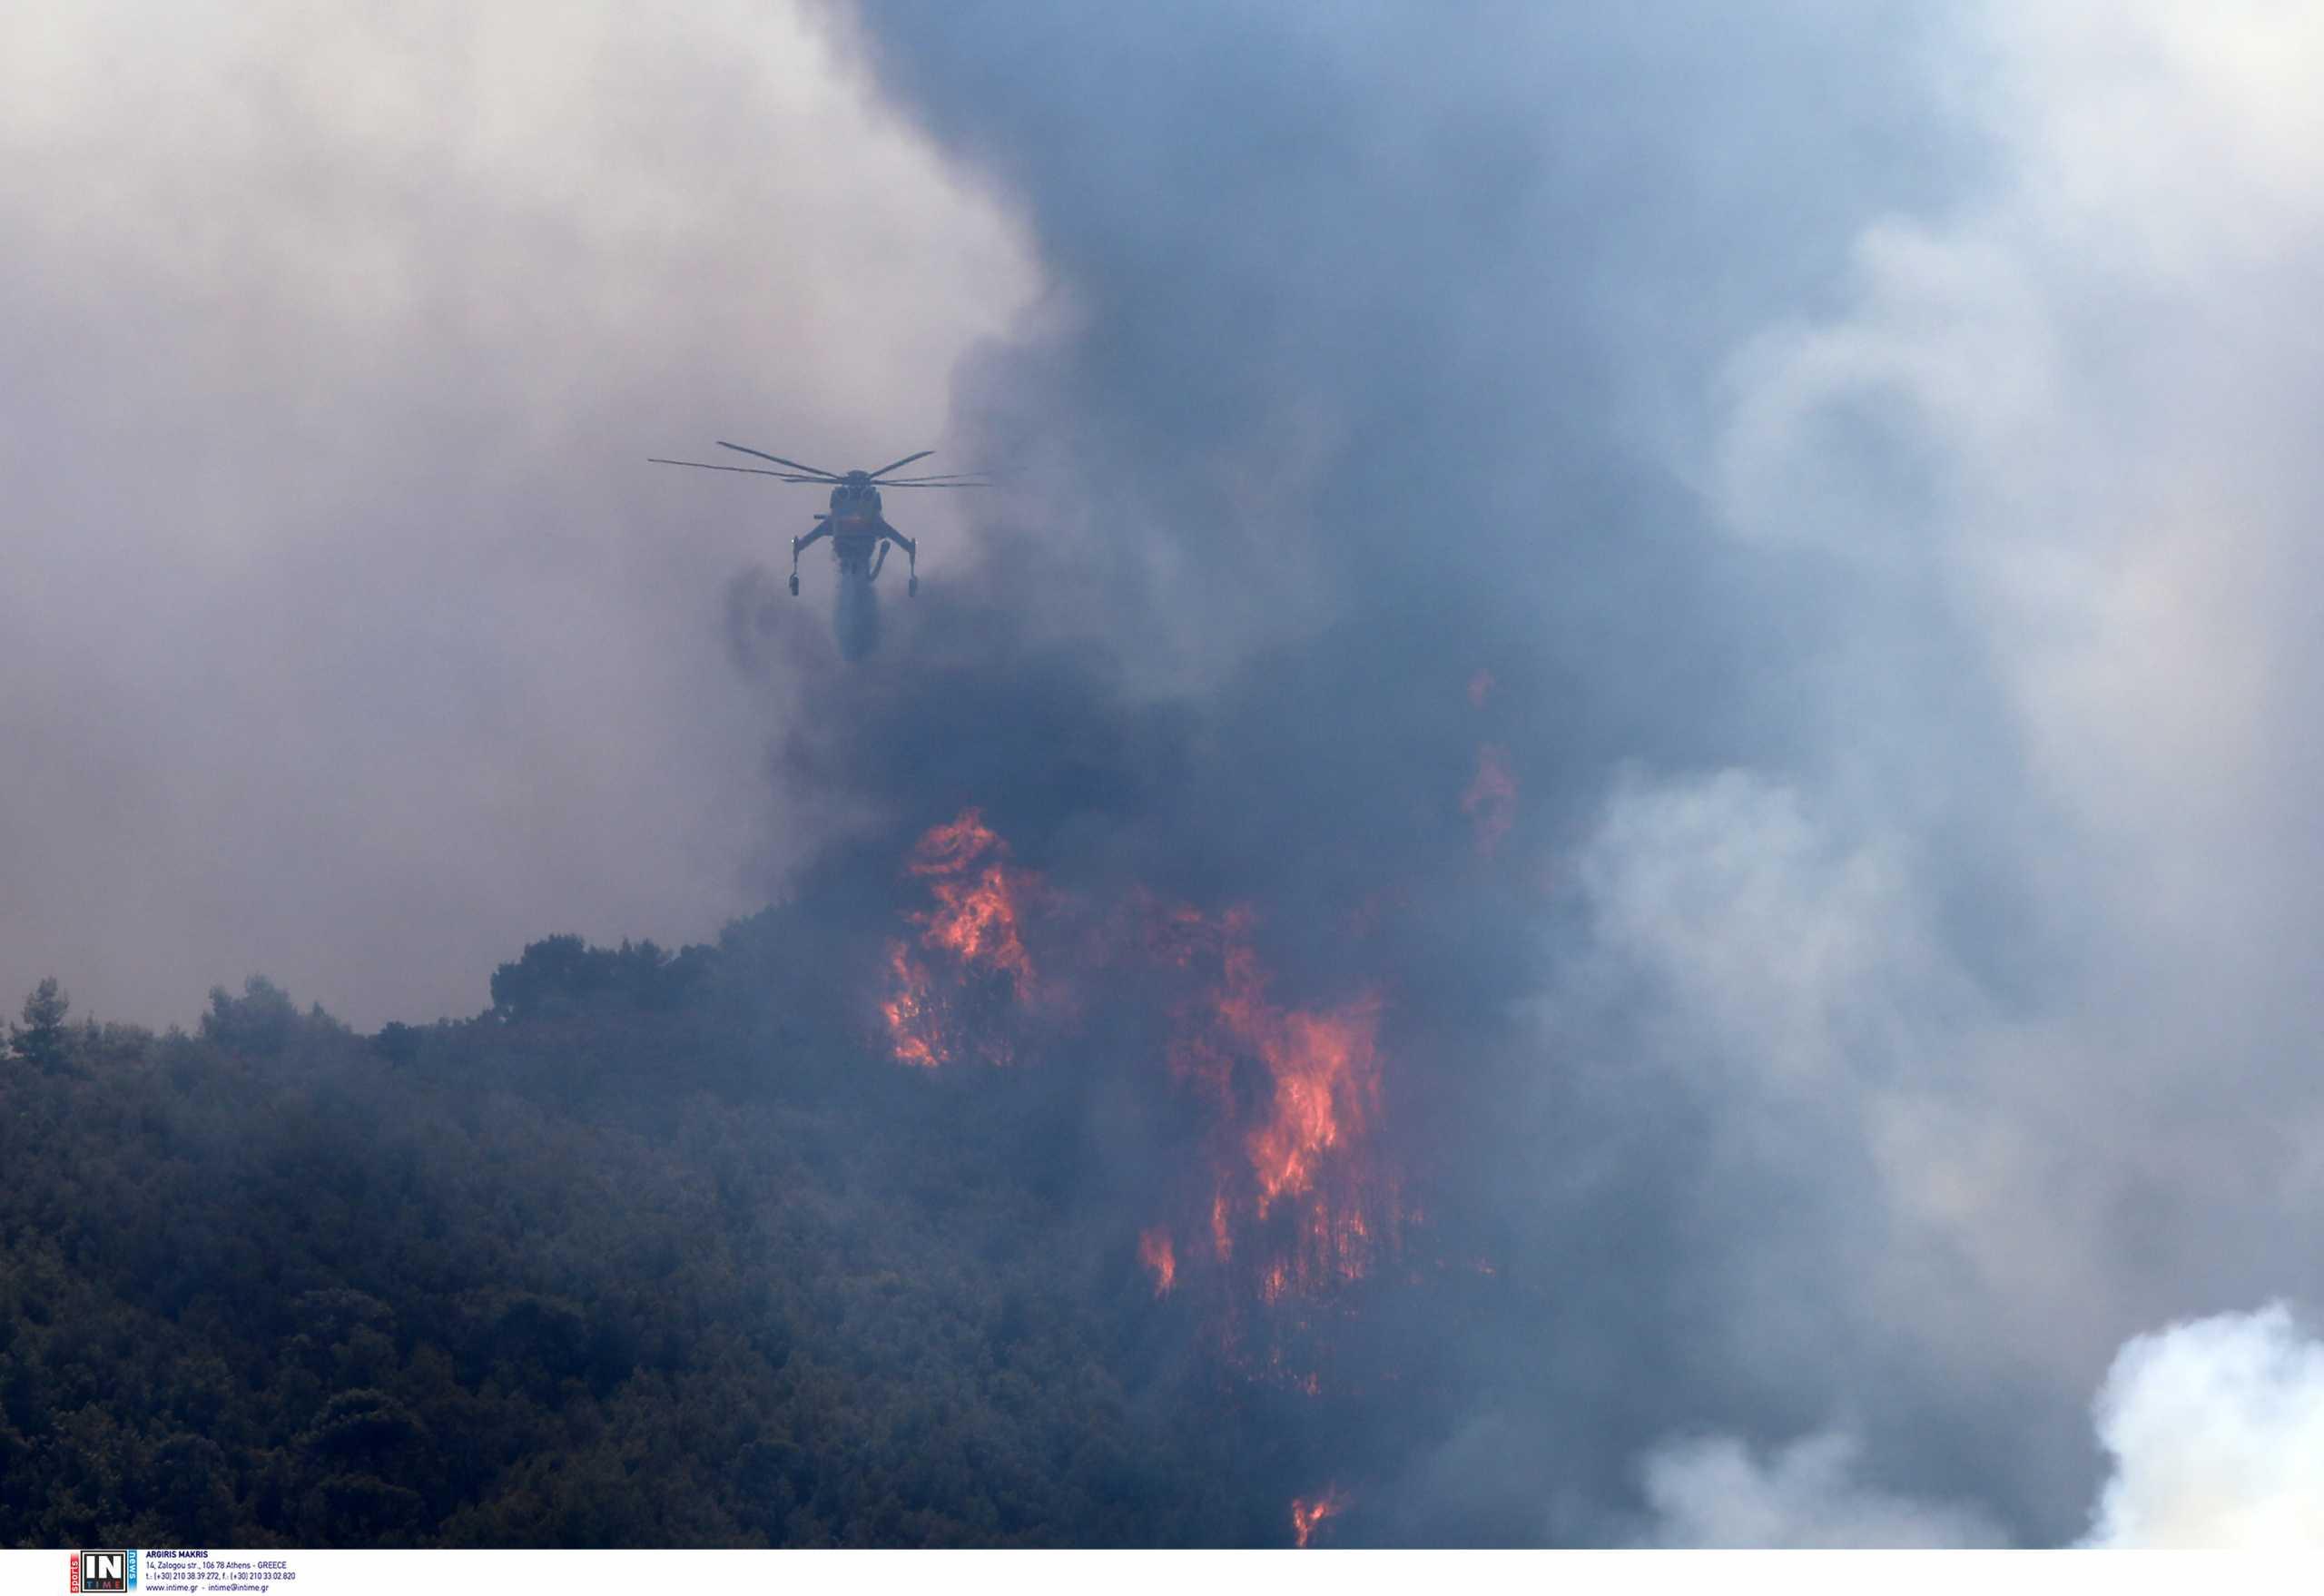 Φωτιές – Πολιτική Προστασία: Πού είναι πολύ υψηλός ο κίνδυνος πυρκαγιών την Παρασκευή (03/09)